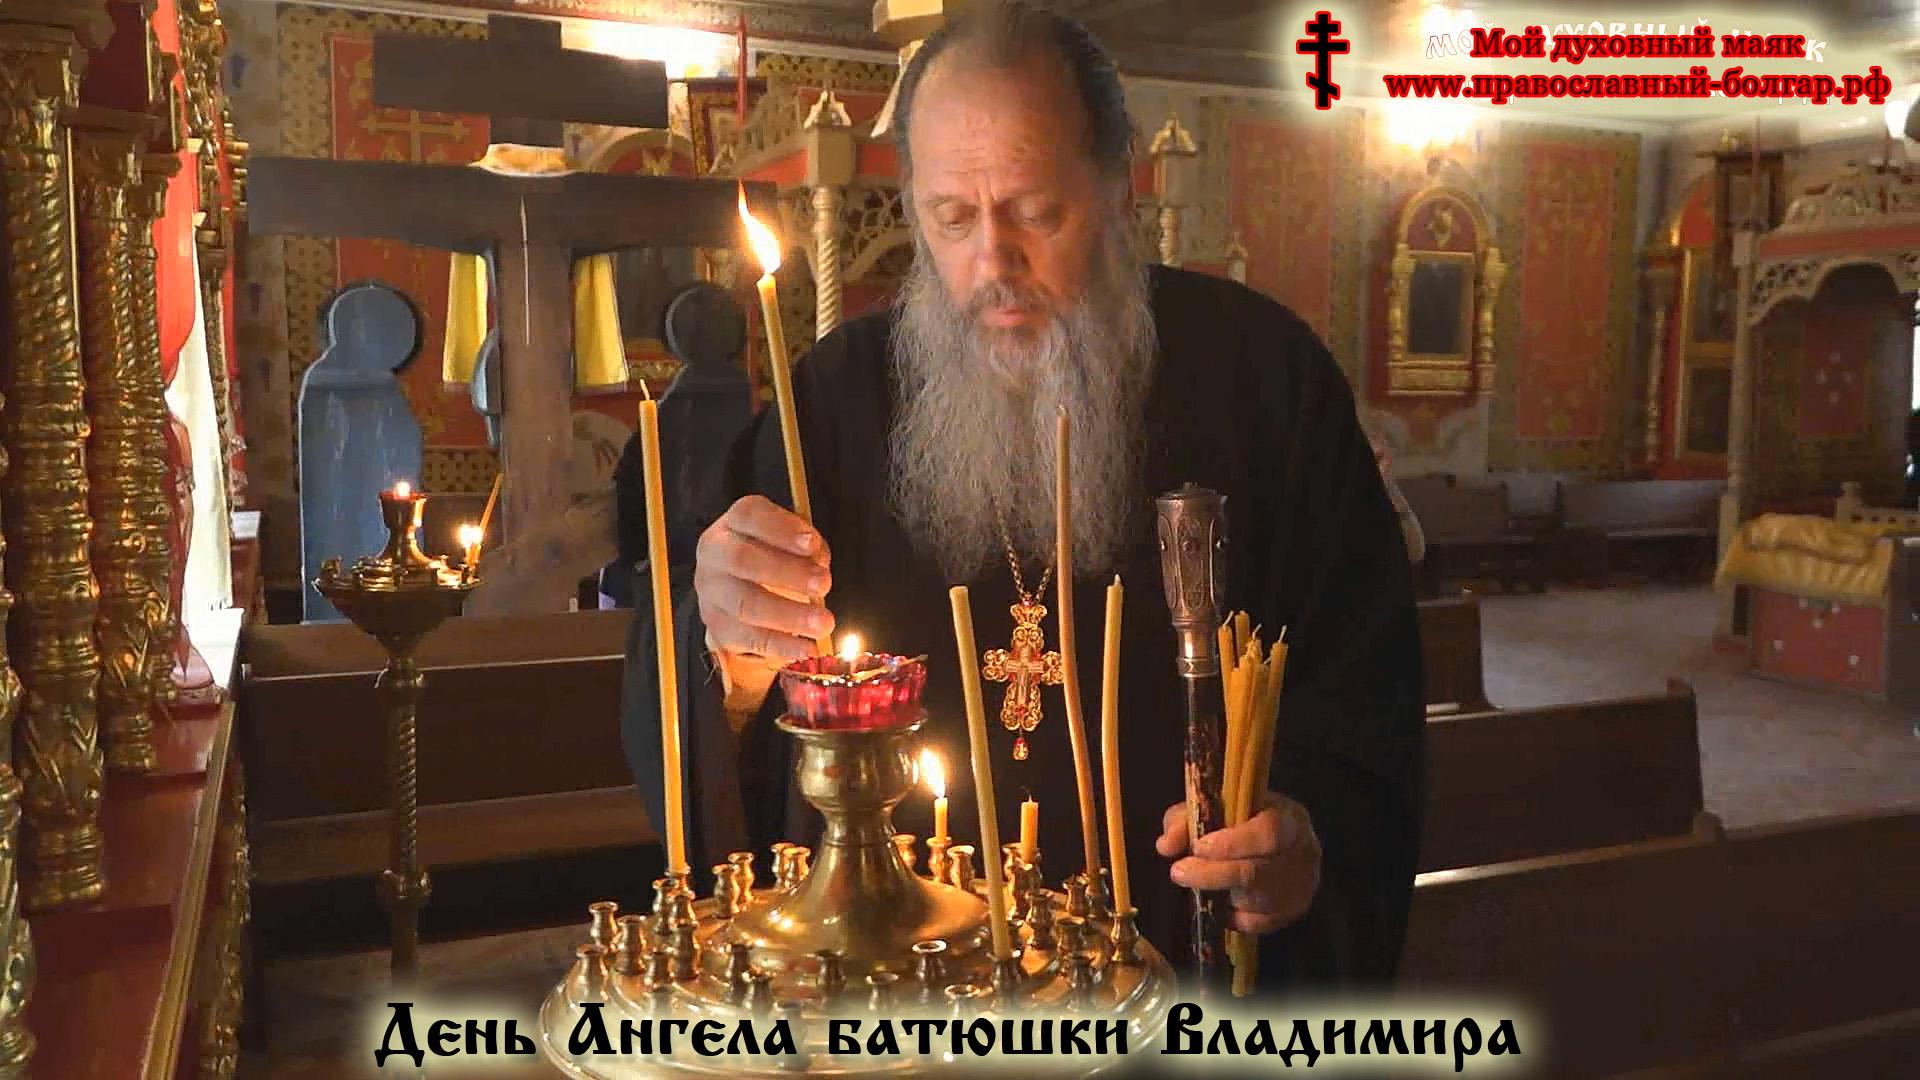 Поздравление иеромонаха с днём ангела